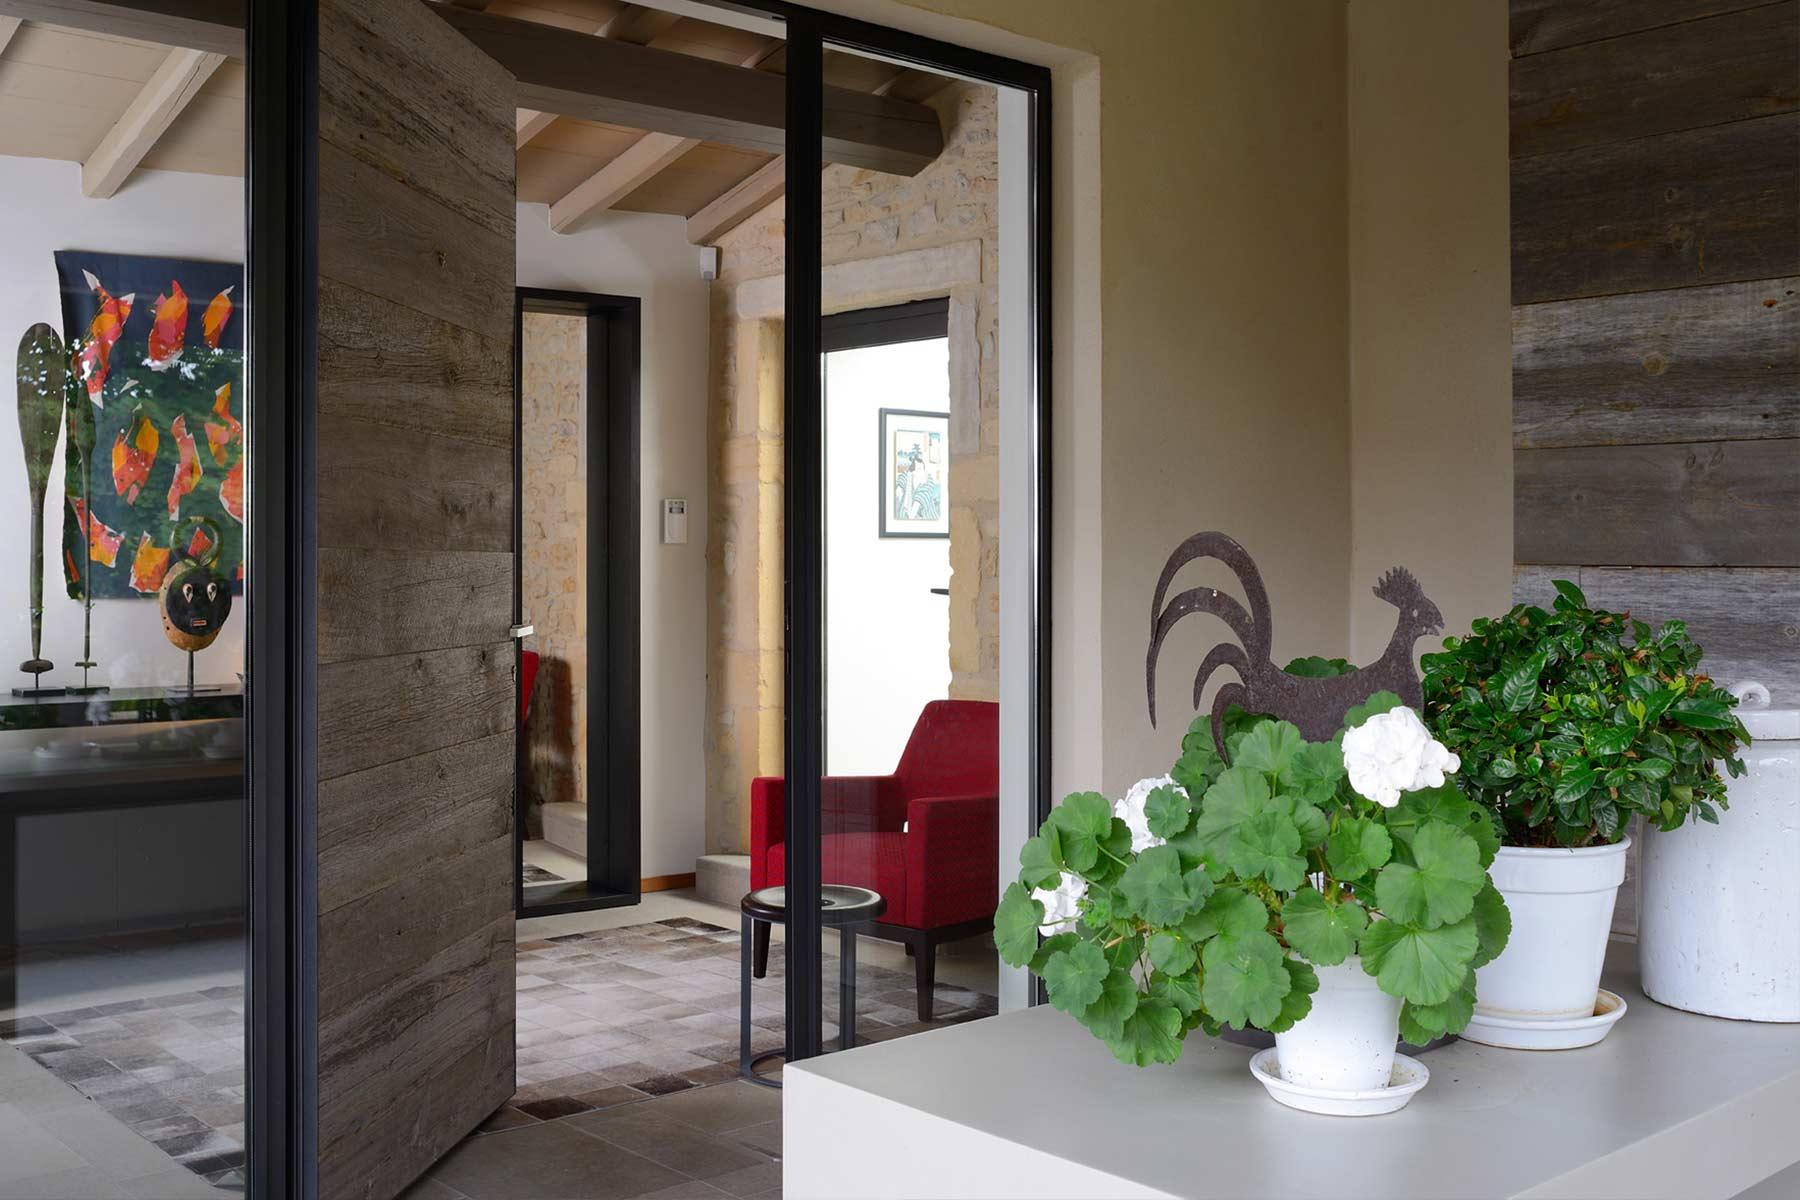 Déco Entrée Maison Moderne   Photos Deco Entree Maison Interieur ...